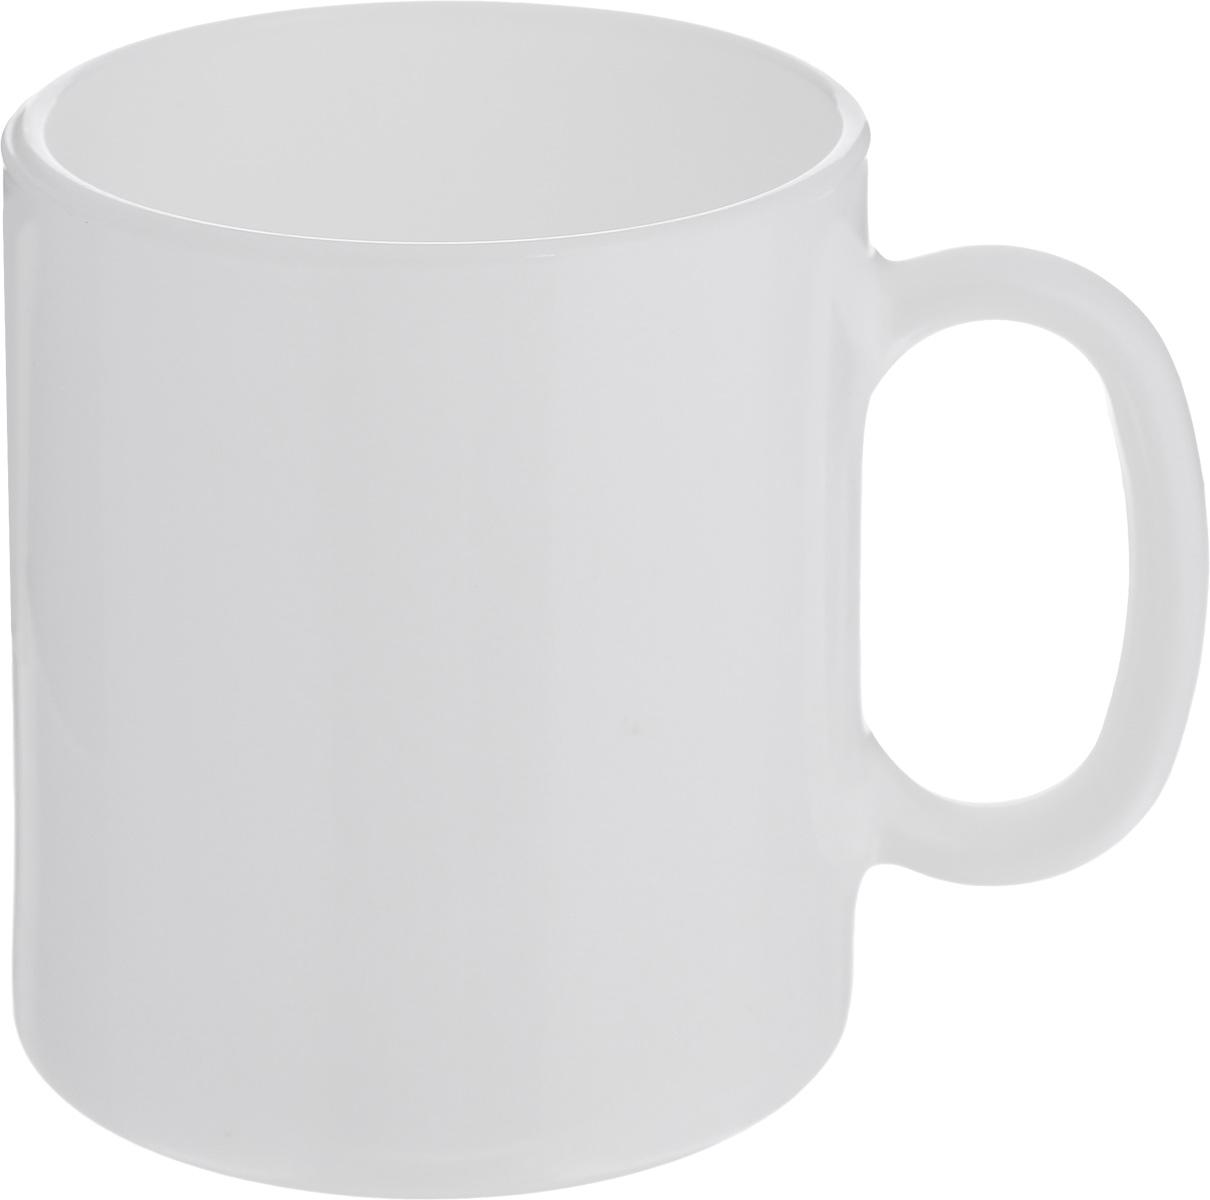 Кружка Luminarc, цвет: белый, 320 мл3651Кружка Luminarc, изготовленная из высококачественного стекла, прекрасно подойдет для вашей кухни. Яркий дизайн кружки придется по вкусу и ценителям классики, и тем, кто предпочитает утонченность и изысканность. Диаметр кружки (по верхнему краю): 8 см.